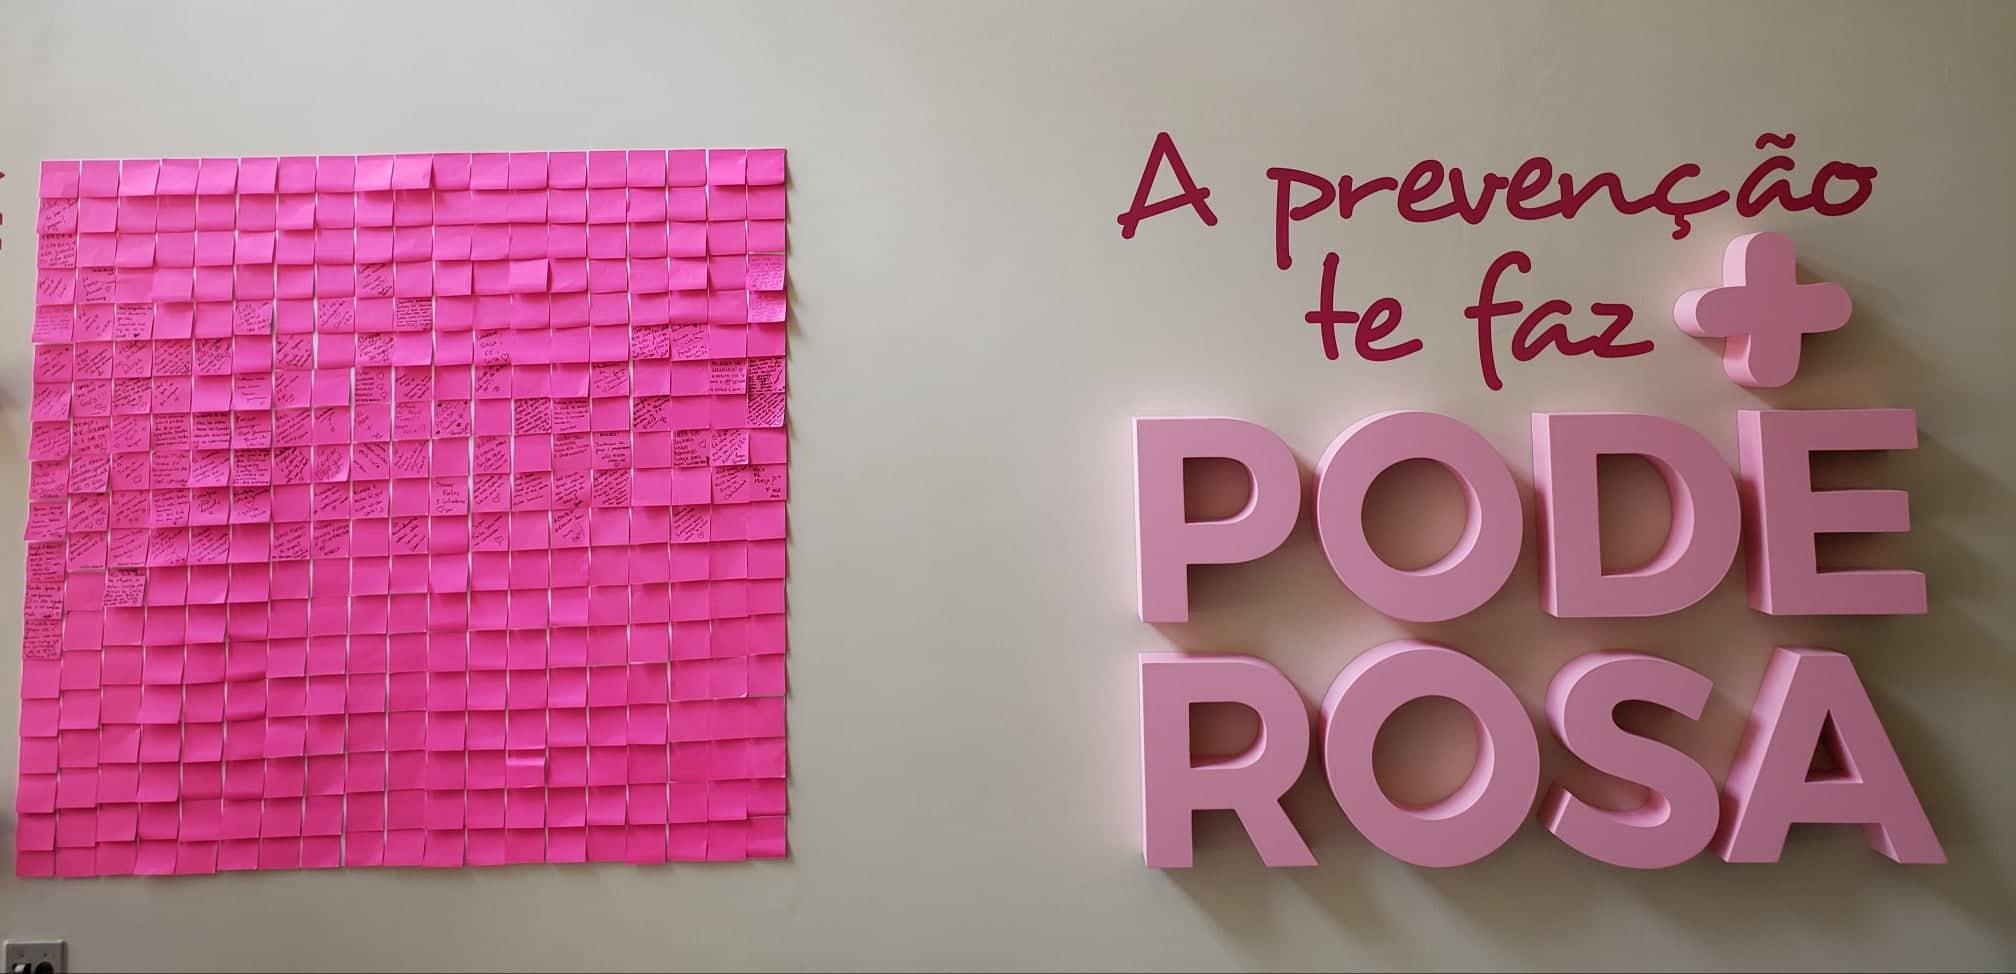 SBT realiza evento especial em apoio ao Movimento Outubro Rosa